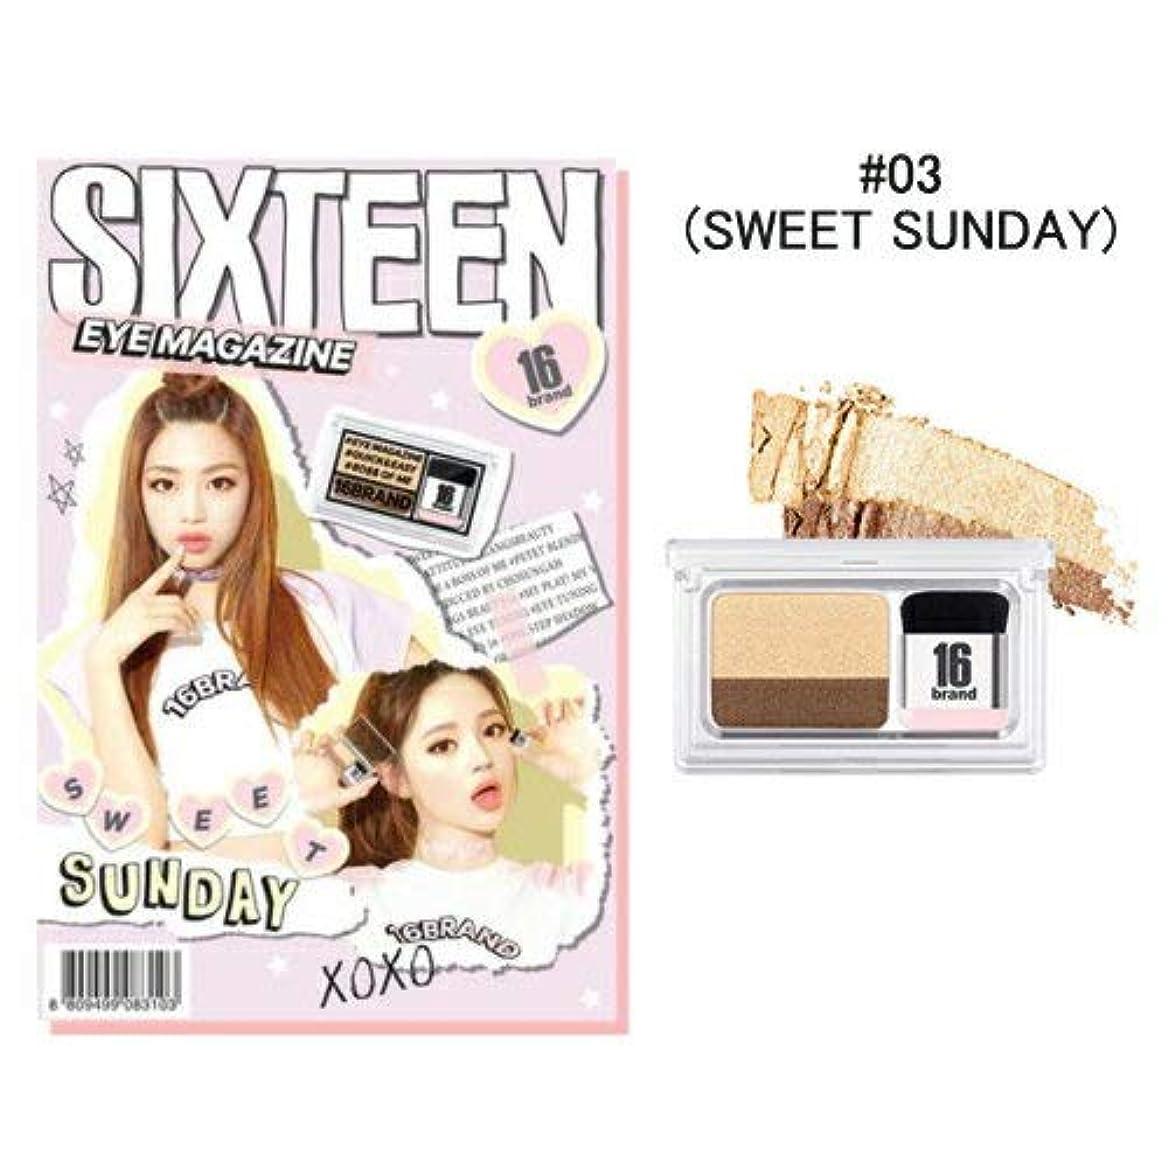 スラダム解釈反映する[New Color] 16brand Sixteen Eye Magazine 2g /16ブランド シックスティーン アイ マガジン 2g (#03 SWEET SUNDAY) [並行輸入品]